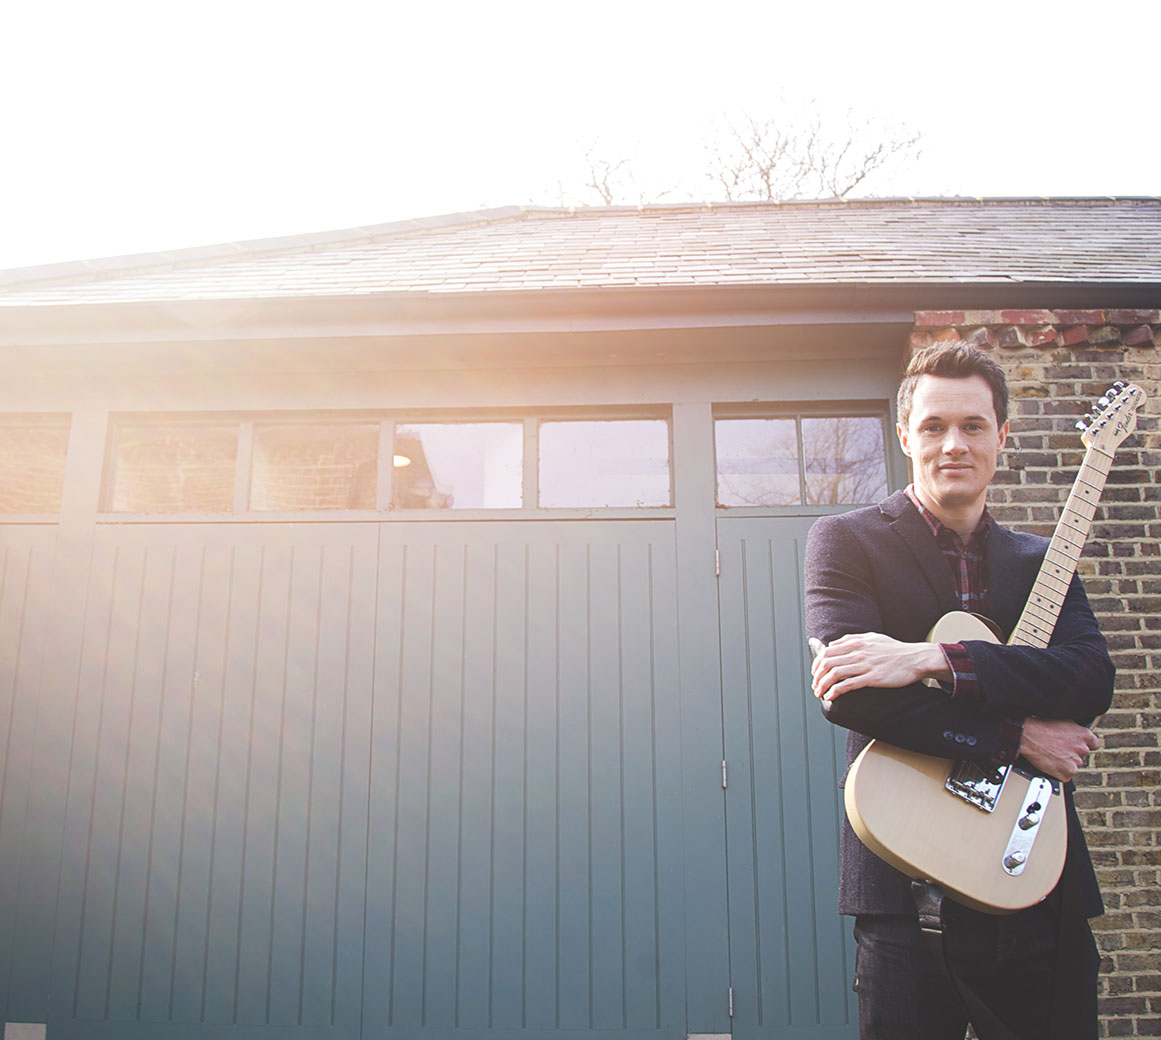 Dan Hoyes Photo Sunlight